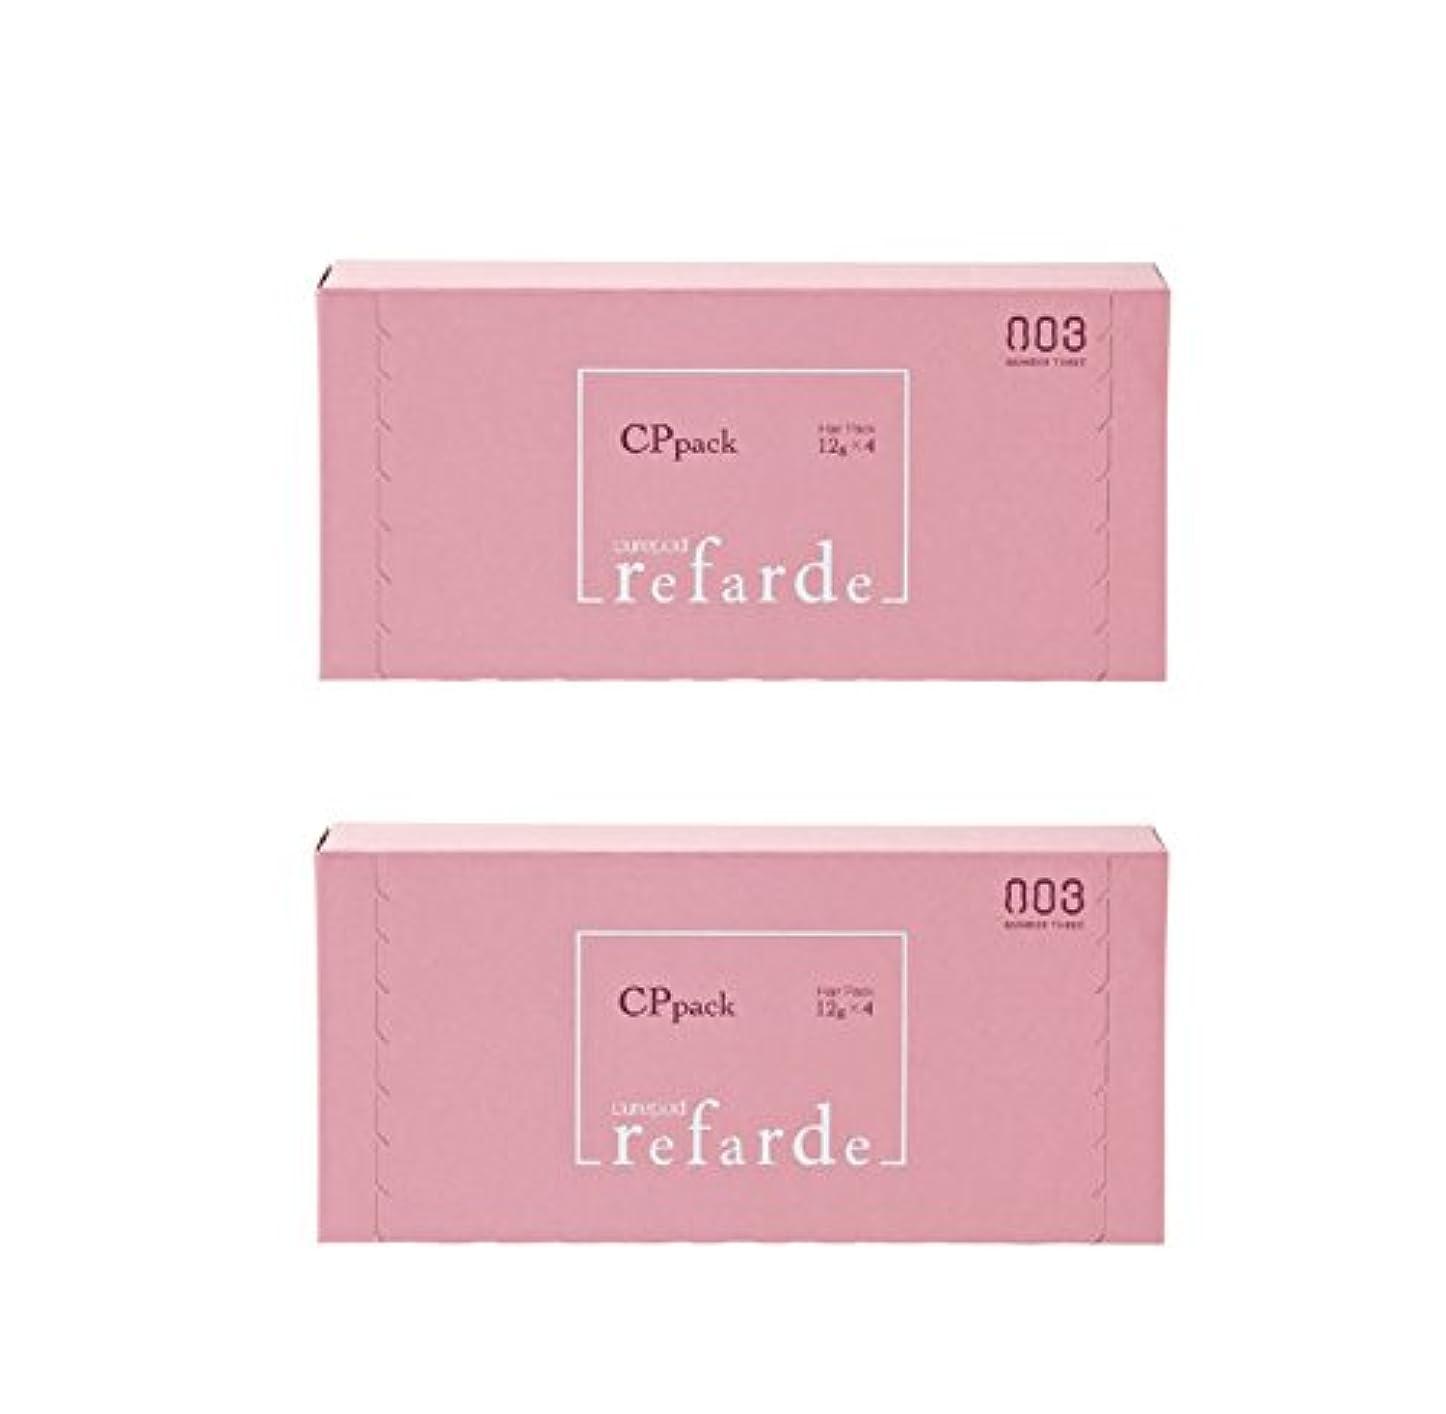 アシスタントキリストレイプ【X2個セット】 ナンバースリー ルファルデ CPパック 12g×4包